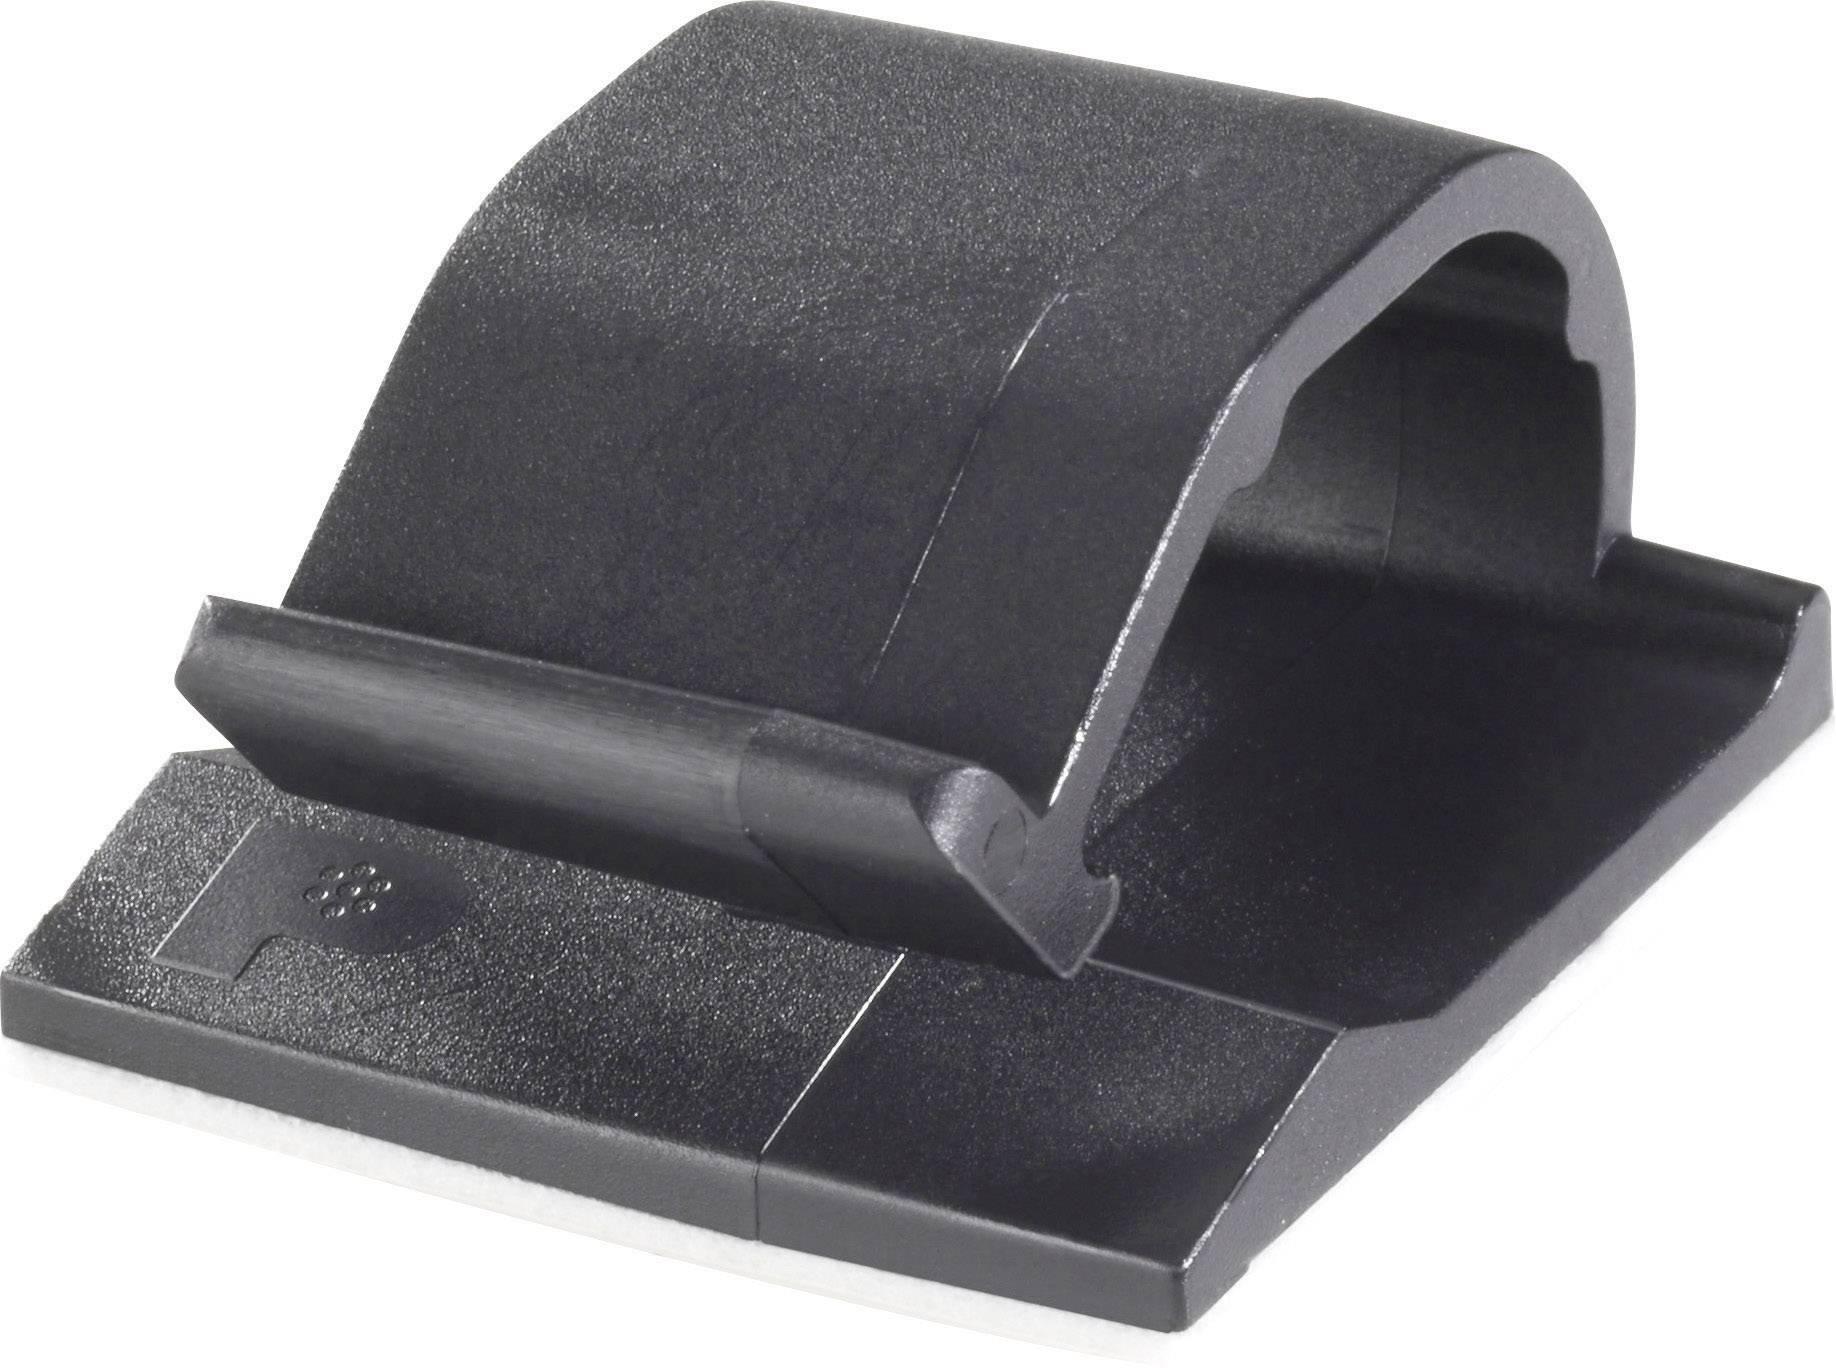 Kabelová spona Panduit ACC19-AT-C0 ACC19-AT-C0, samolepicí, 4.80 mm (max), černá, 1 ks